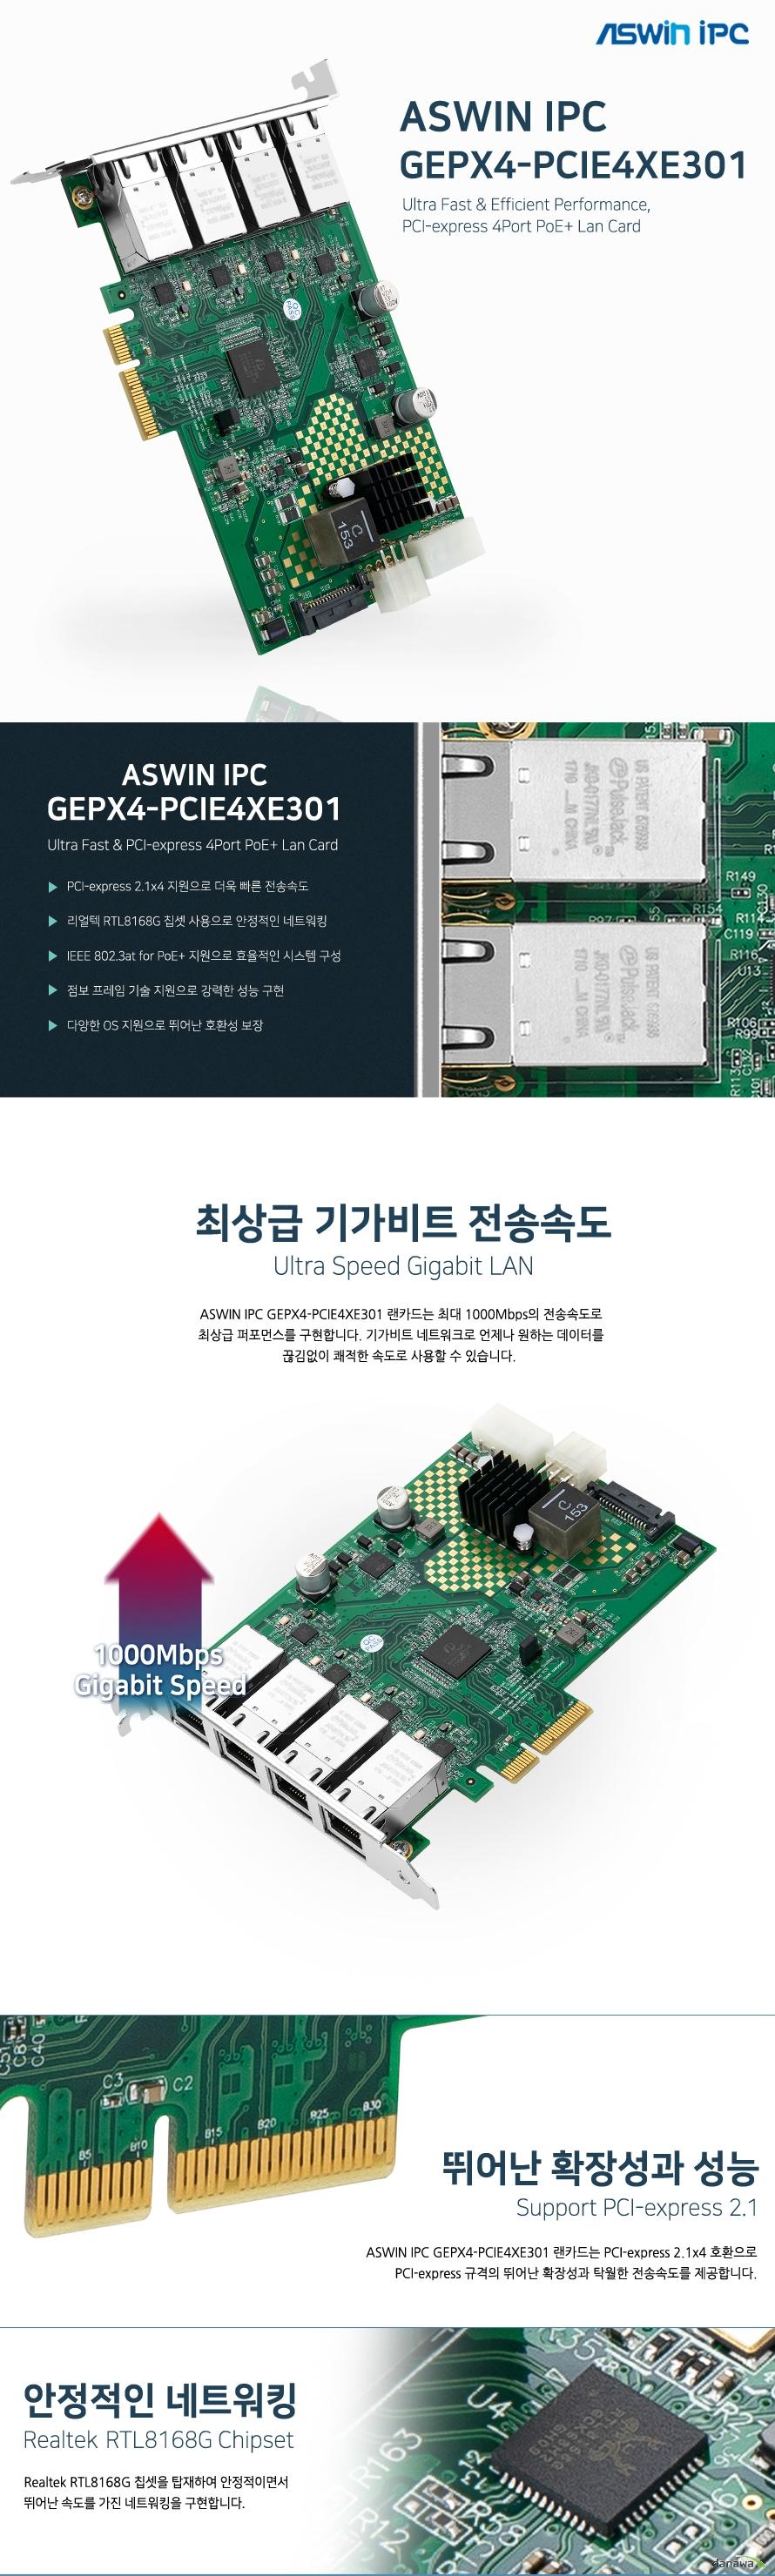 에즈윈아이피씨 GEPX4-PCIE4XE301 랜카드  제품 상세 정보       인터페이스 pcie2.1 x4 지원 스펙 10 100 1000mbps PoE+ 2포트 서비스 센터 에즈윈아이피씨 02 718 0114    내용물      사용자 설명서     드라이버 설치 cd